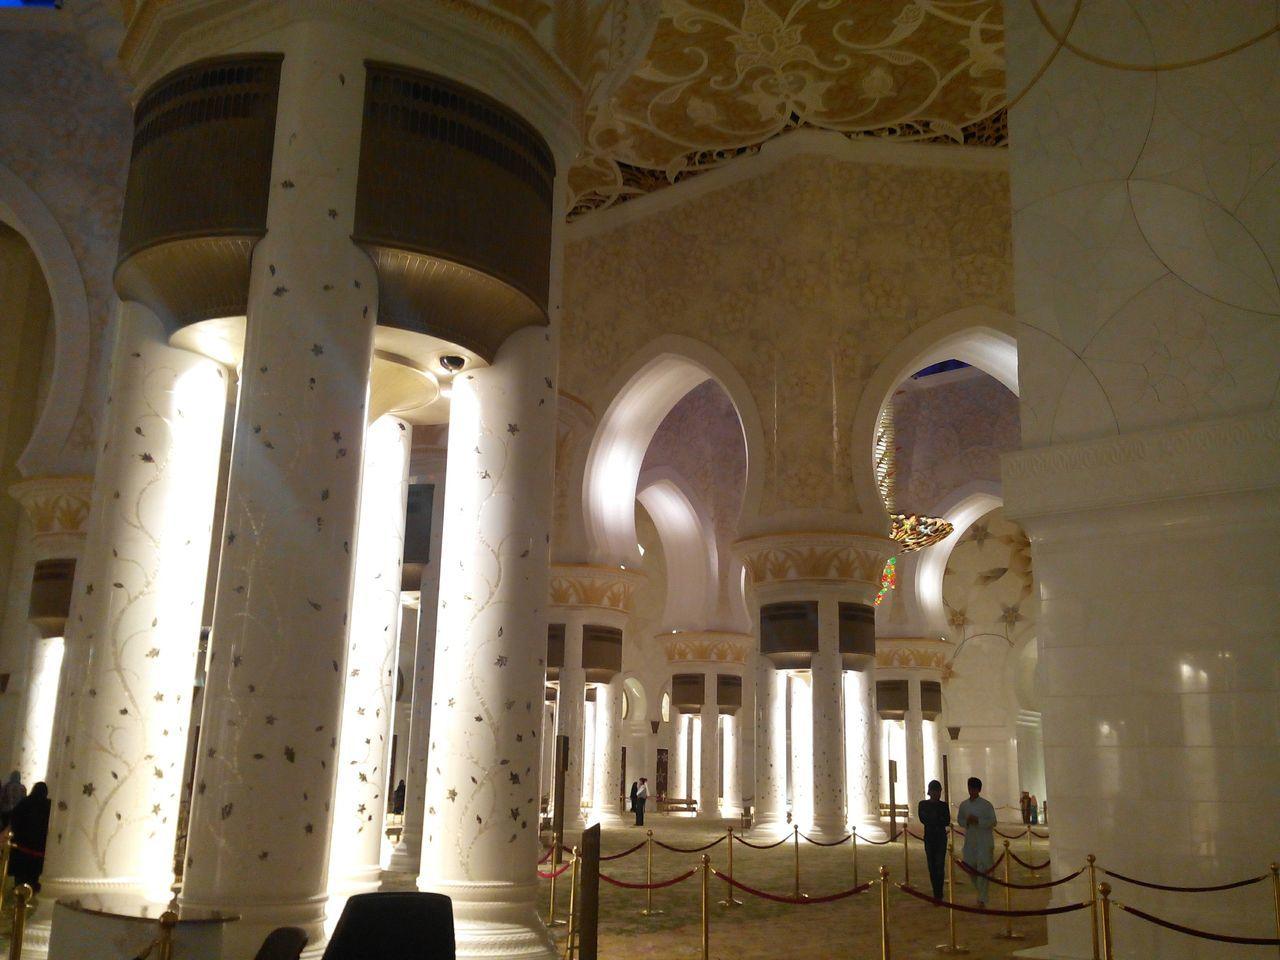 Interior Of Illuminated Mosque